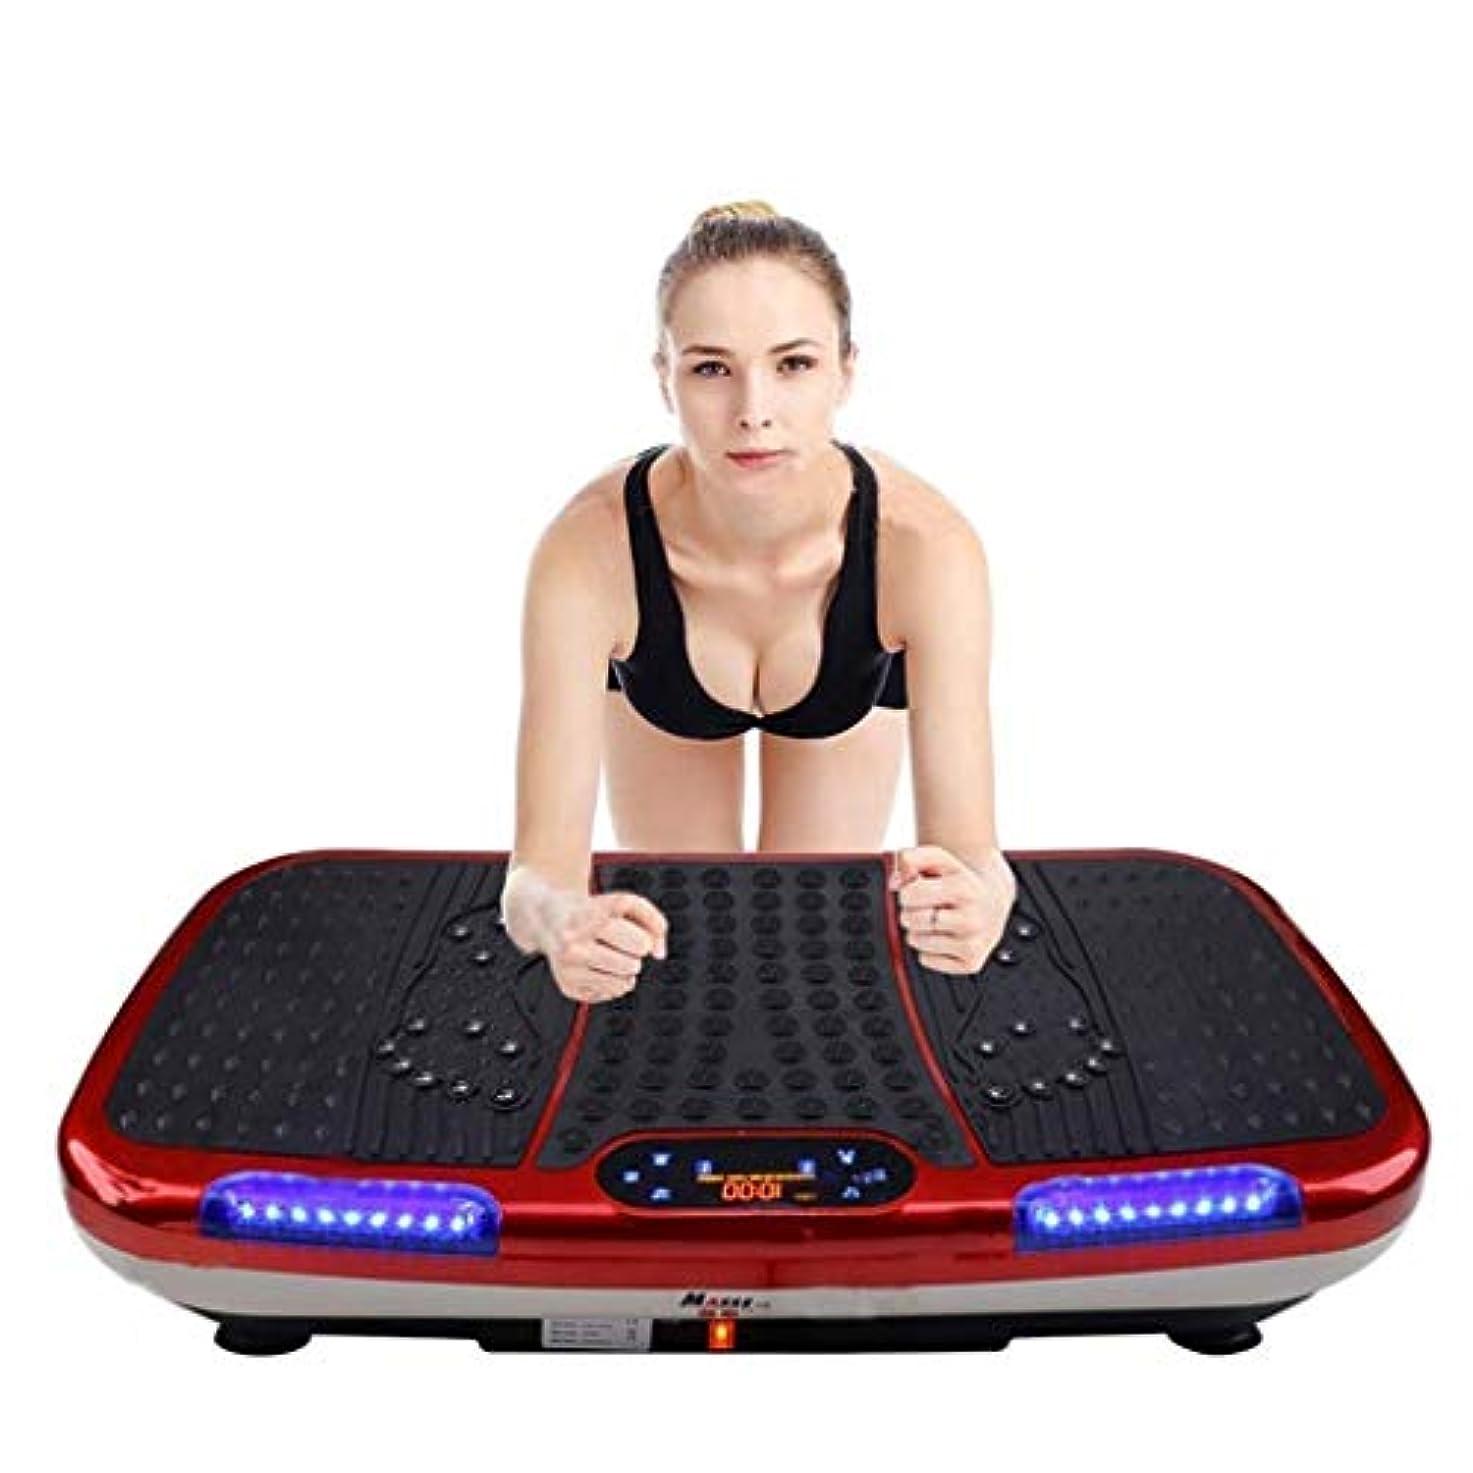 使用法芝生思いやり家庭用減量装置、フィットネス振動トレーナー、Bluetooth音楽スピーカー、身体振動マッサージボード、男女兼用、過剰脂肪削減